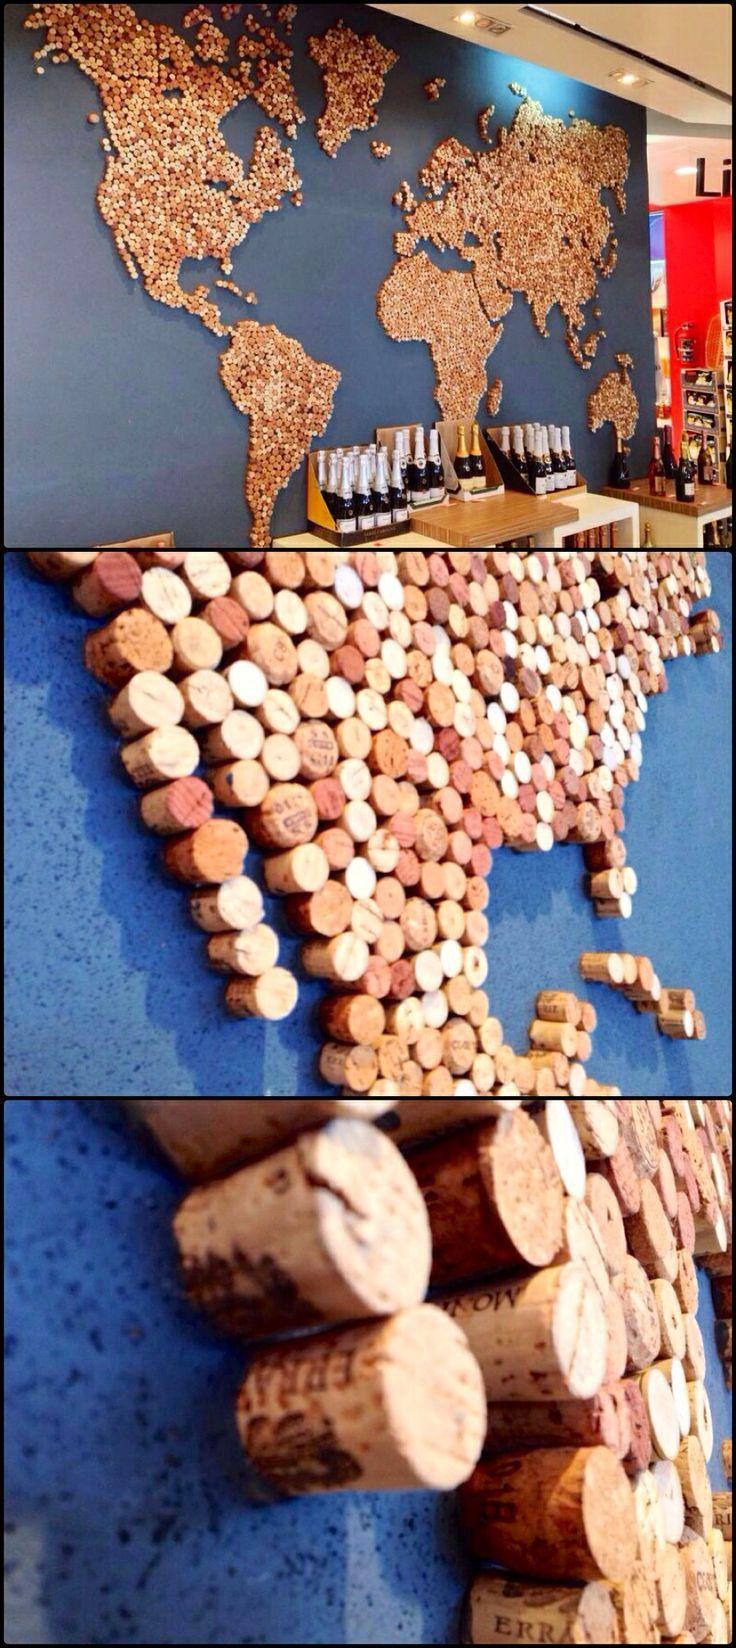 Arte con corchos de botellas de vino. ¡Sólo para los más atrevidos! Un consejo.. es que hace falta mucha práctica y paciencia para conseguir un resultado similar.